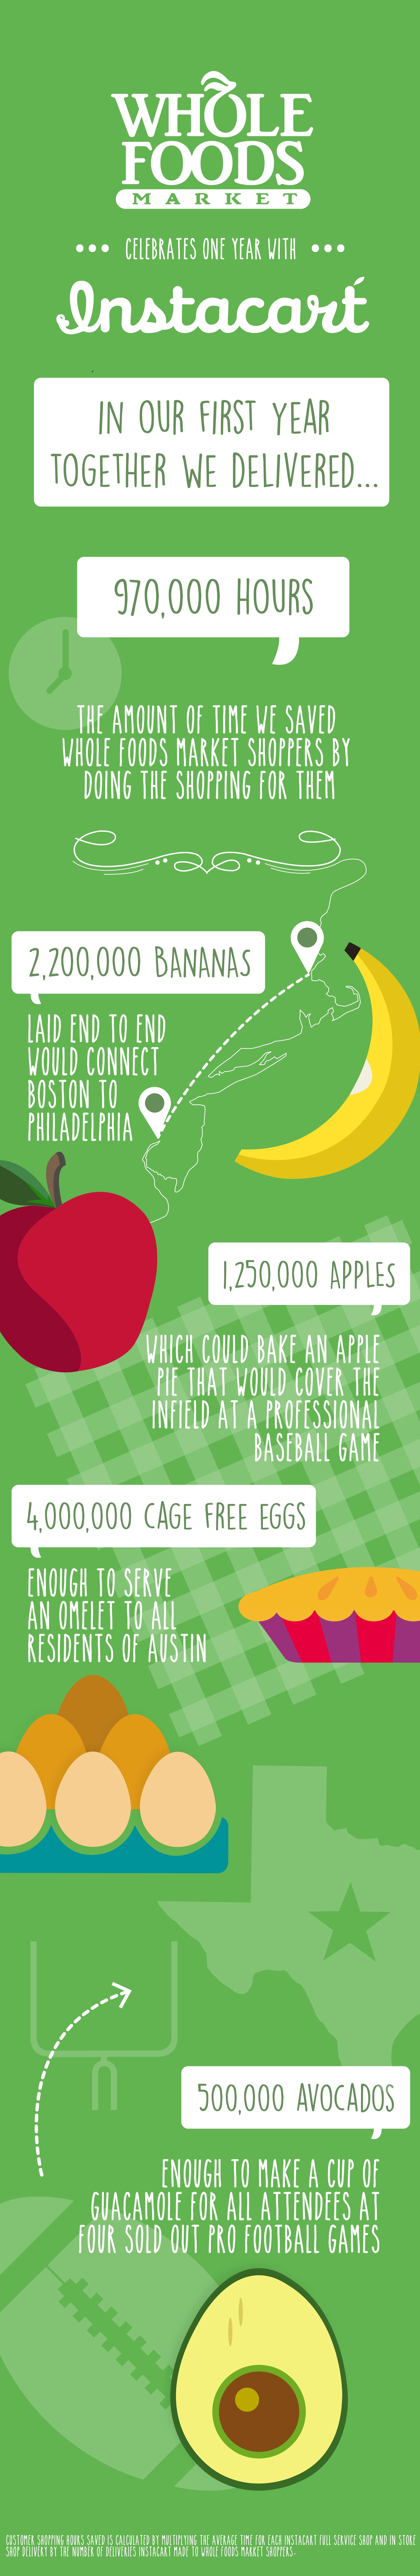 Whole Foods and Instacart Celebrate Partnership